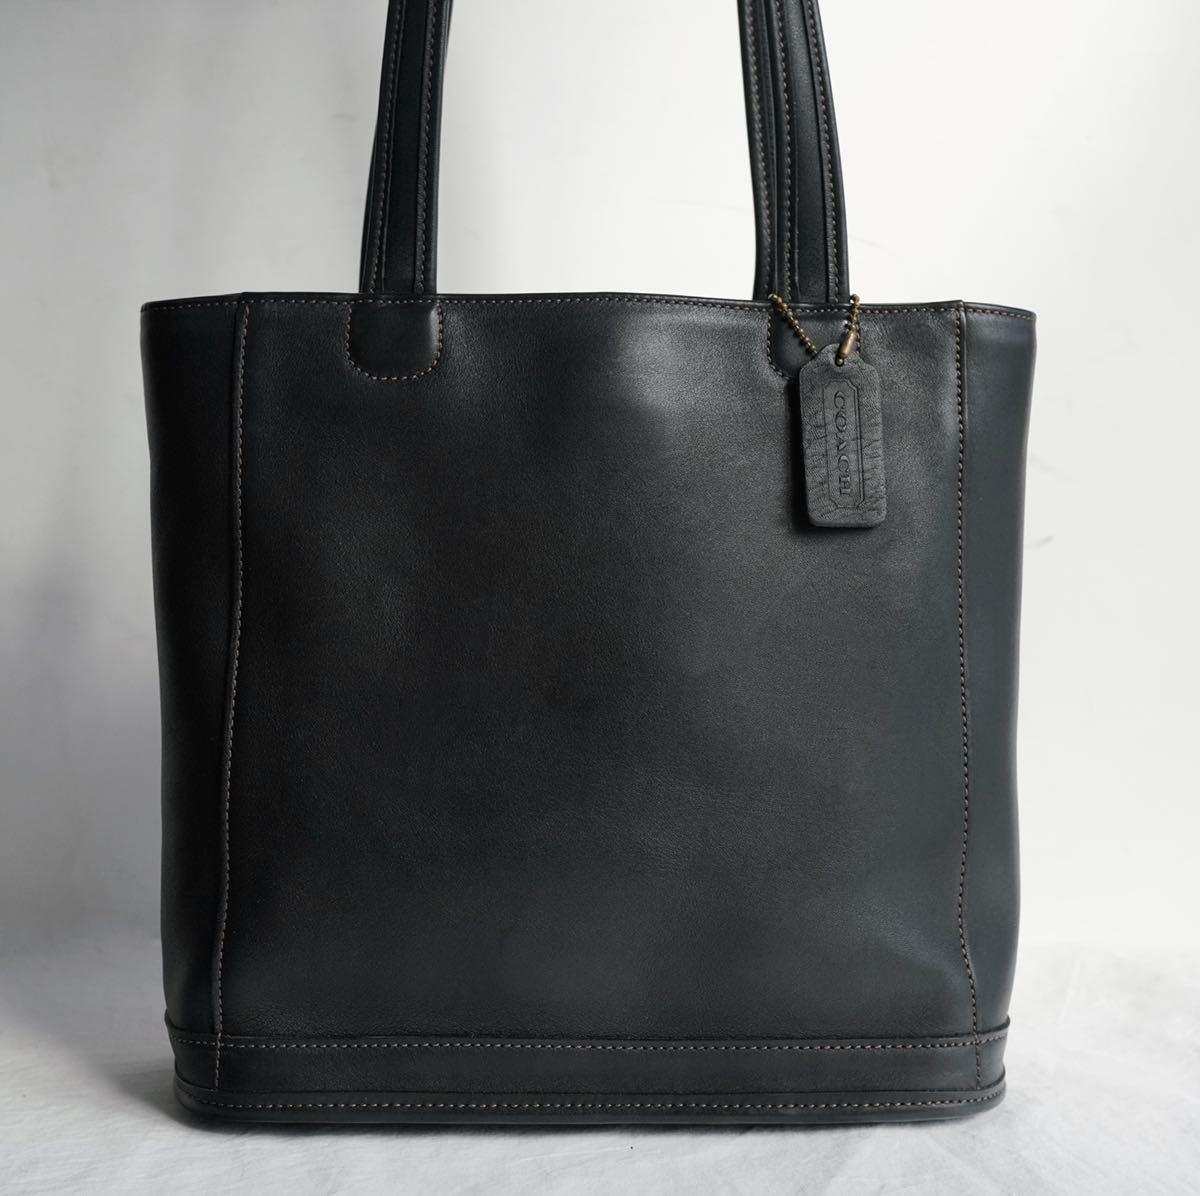 極美品 コーチ COACH トートバッグ バッグ ビジネスバッグ ブラック 黒 ブラック メンズバッグ 革 16万 オールドコーチ ビンテージ